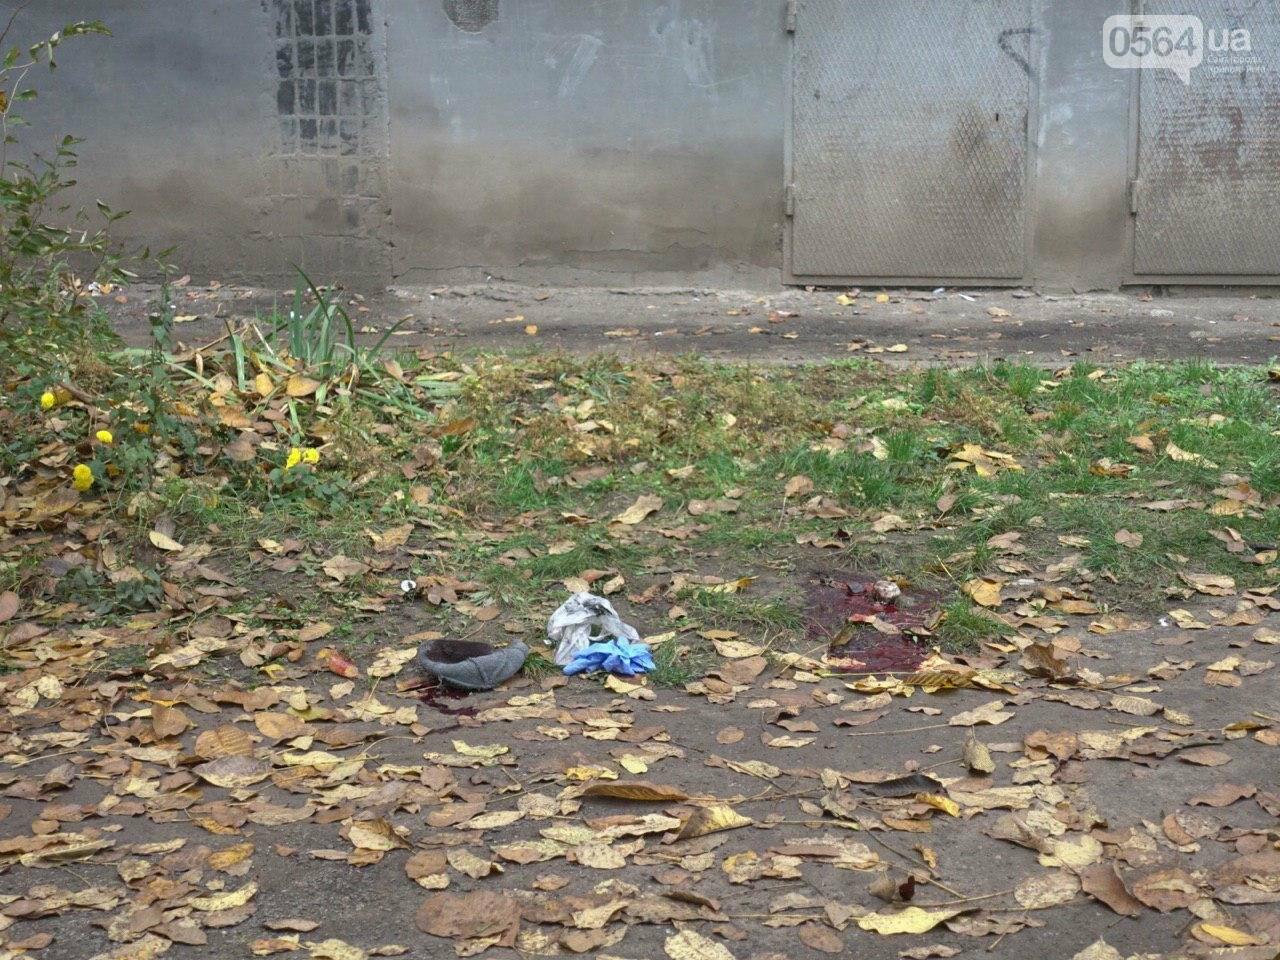 В Кривом Роге из окна 9 этажа выпал мужчина, - ФОТО 18+, фото-7